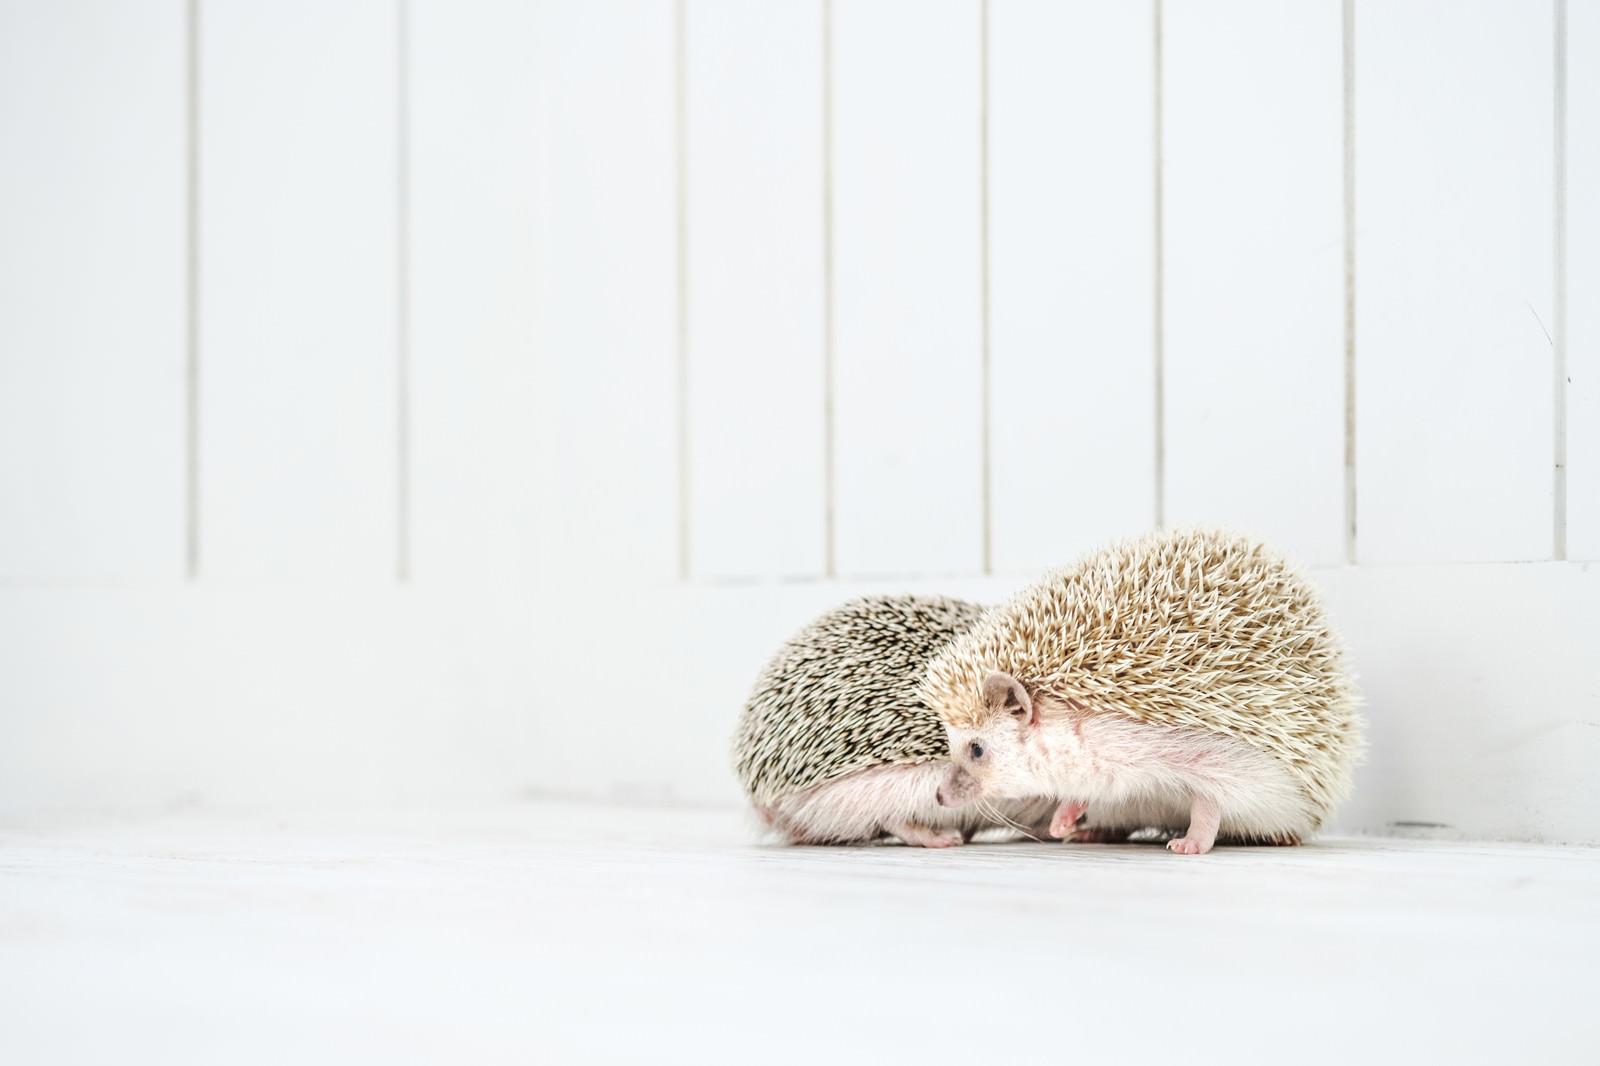 「寄り添いベタベタする二匹のハリネズミ」の写真